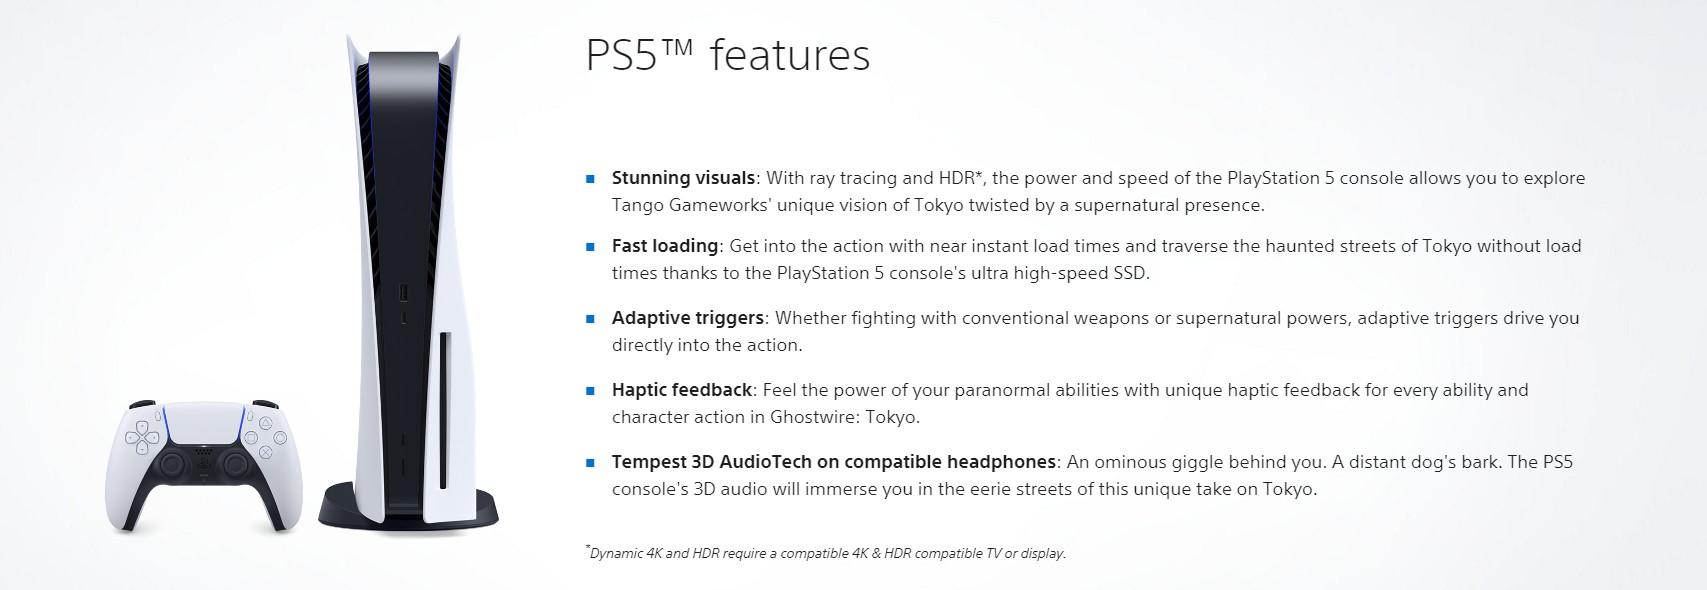 《幽灵线:东京》PS5支持光追/动态4K和HDR